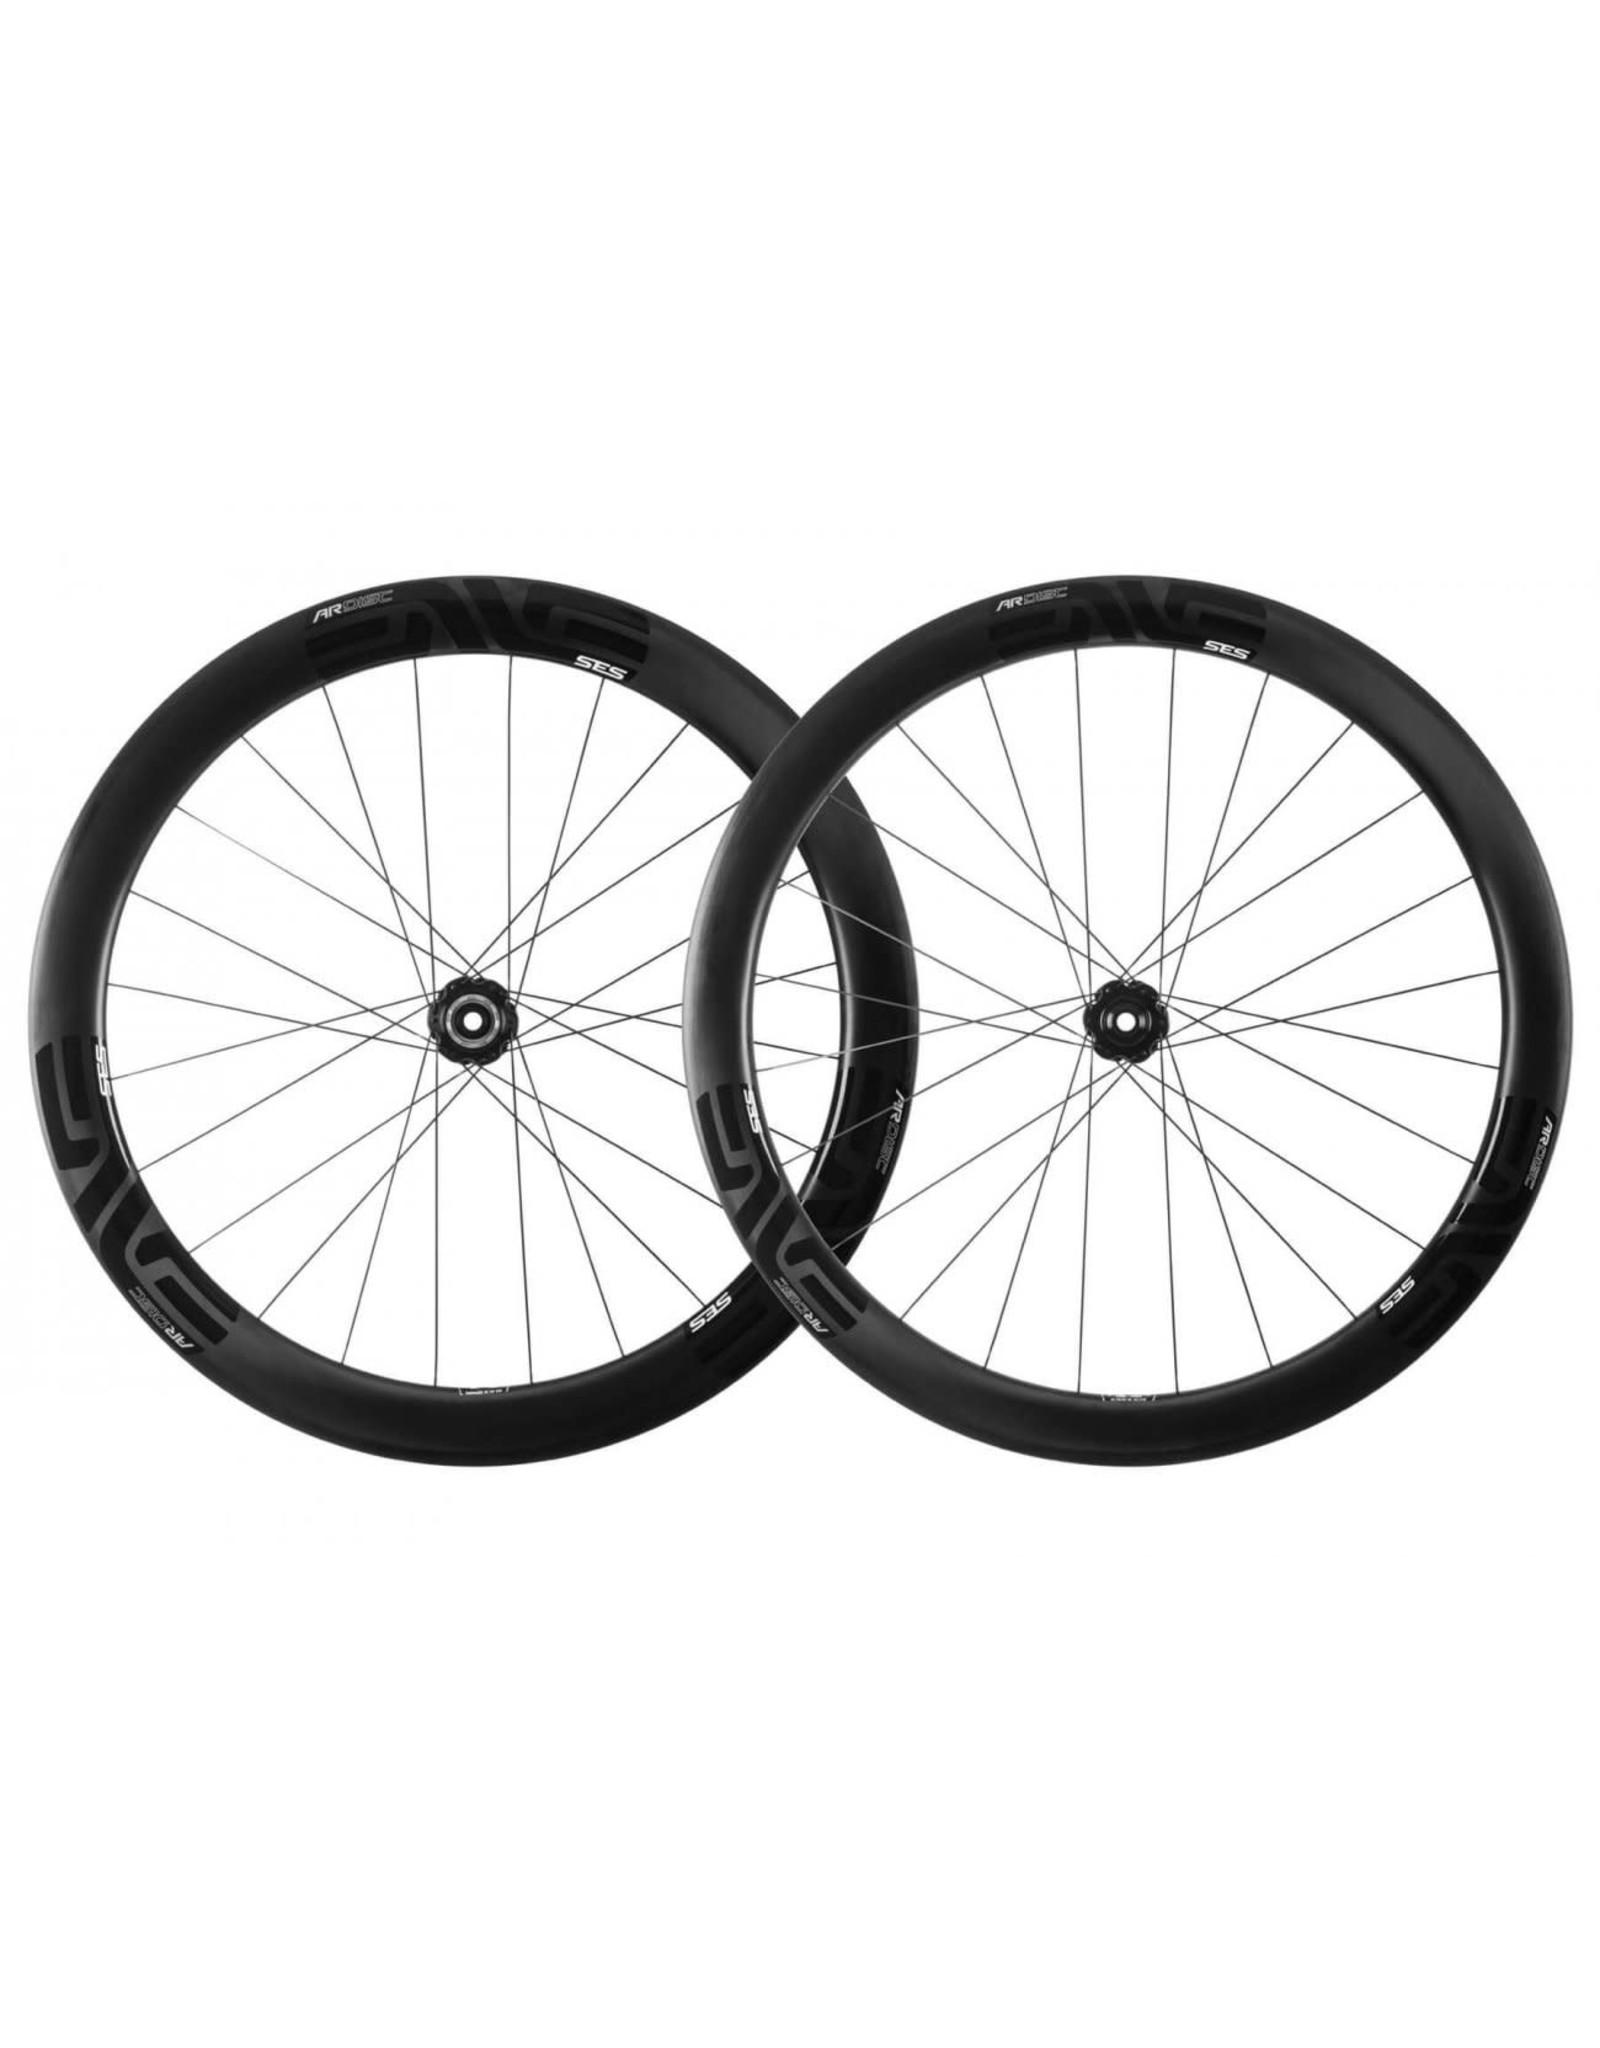 ENVE Composites ENVE SES 4.5 AR Disc Wheelset - Enve Alloy (Shimano/SRAM)